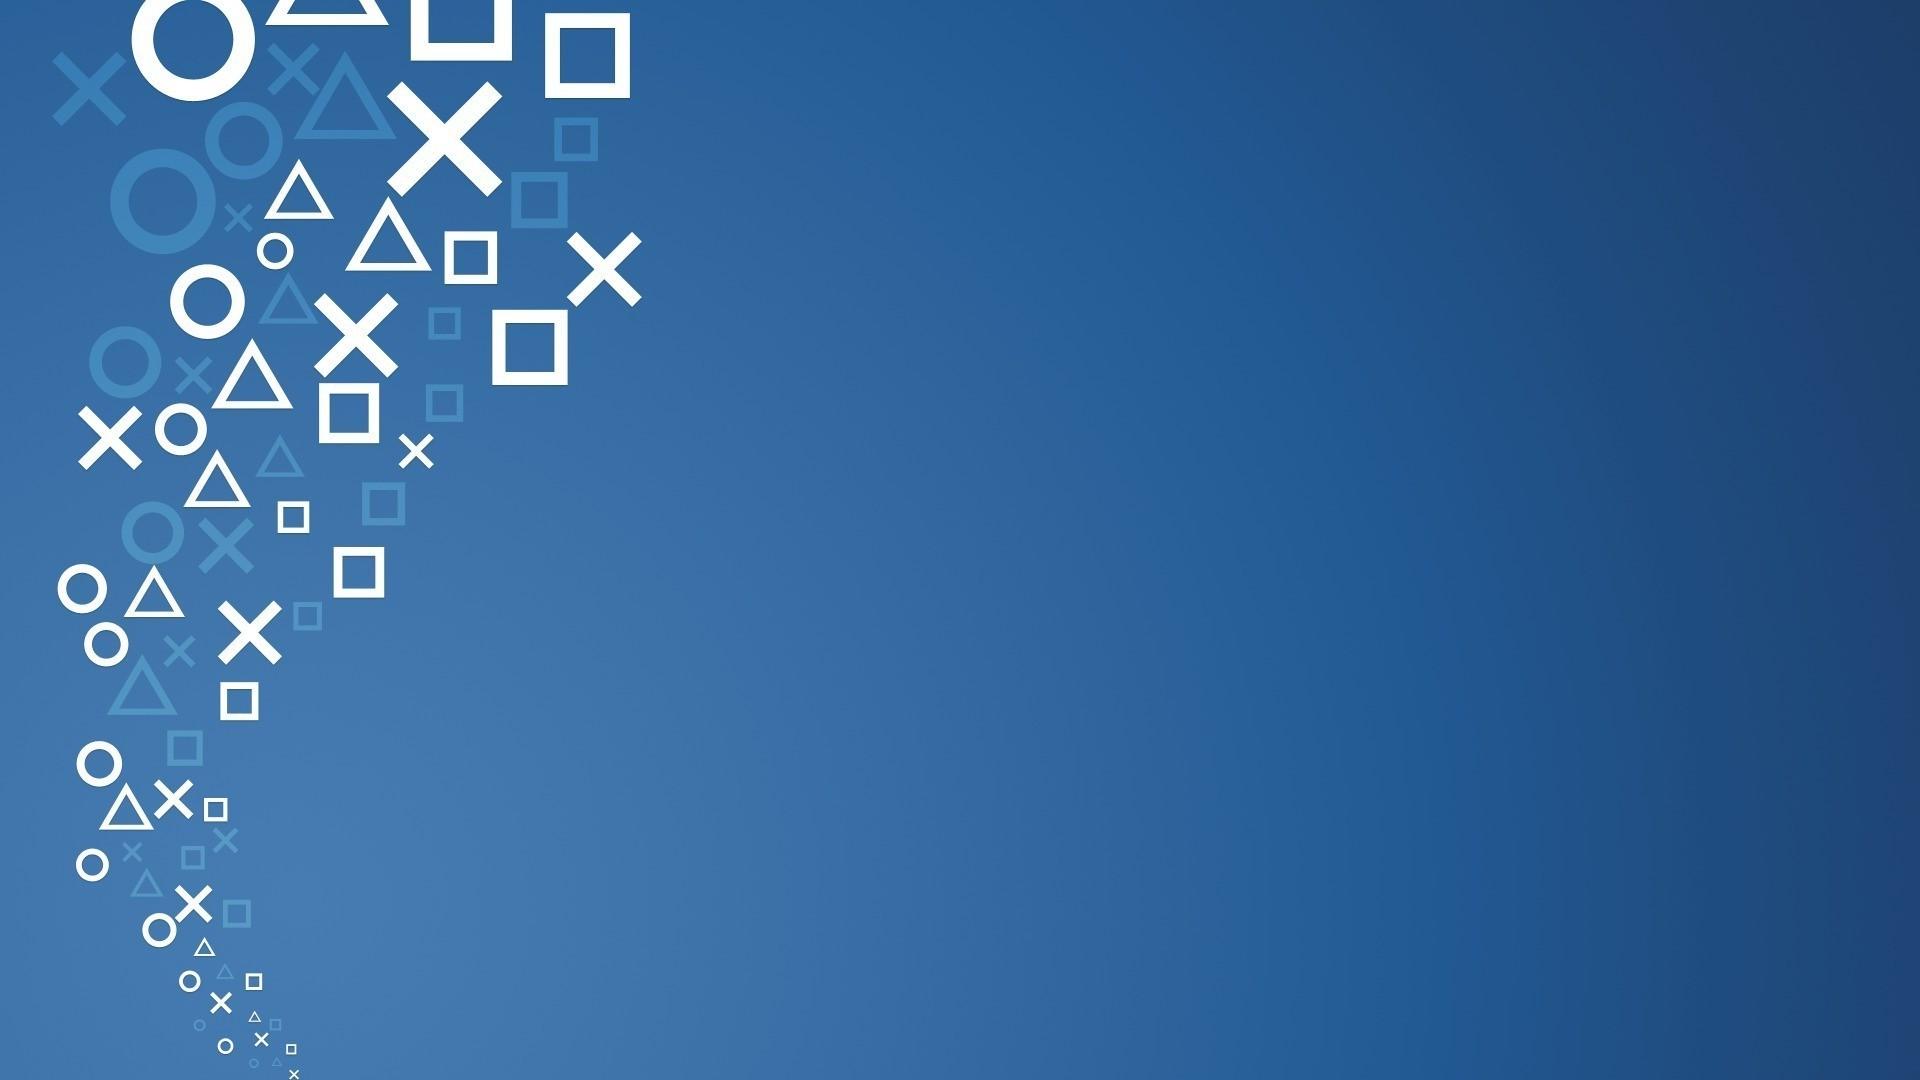 Playstation Wallpaper Sf Wallpaper